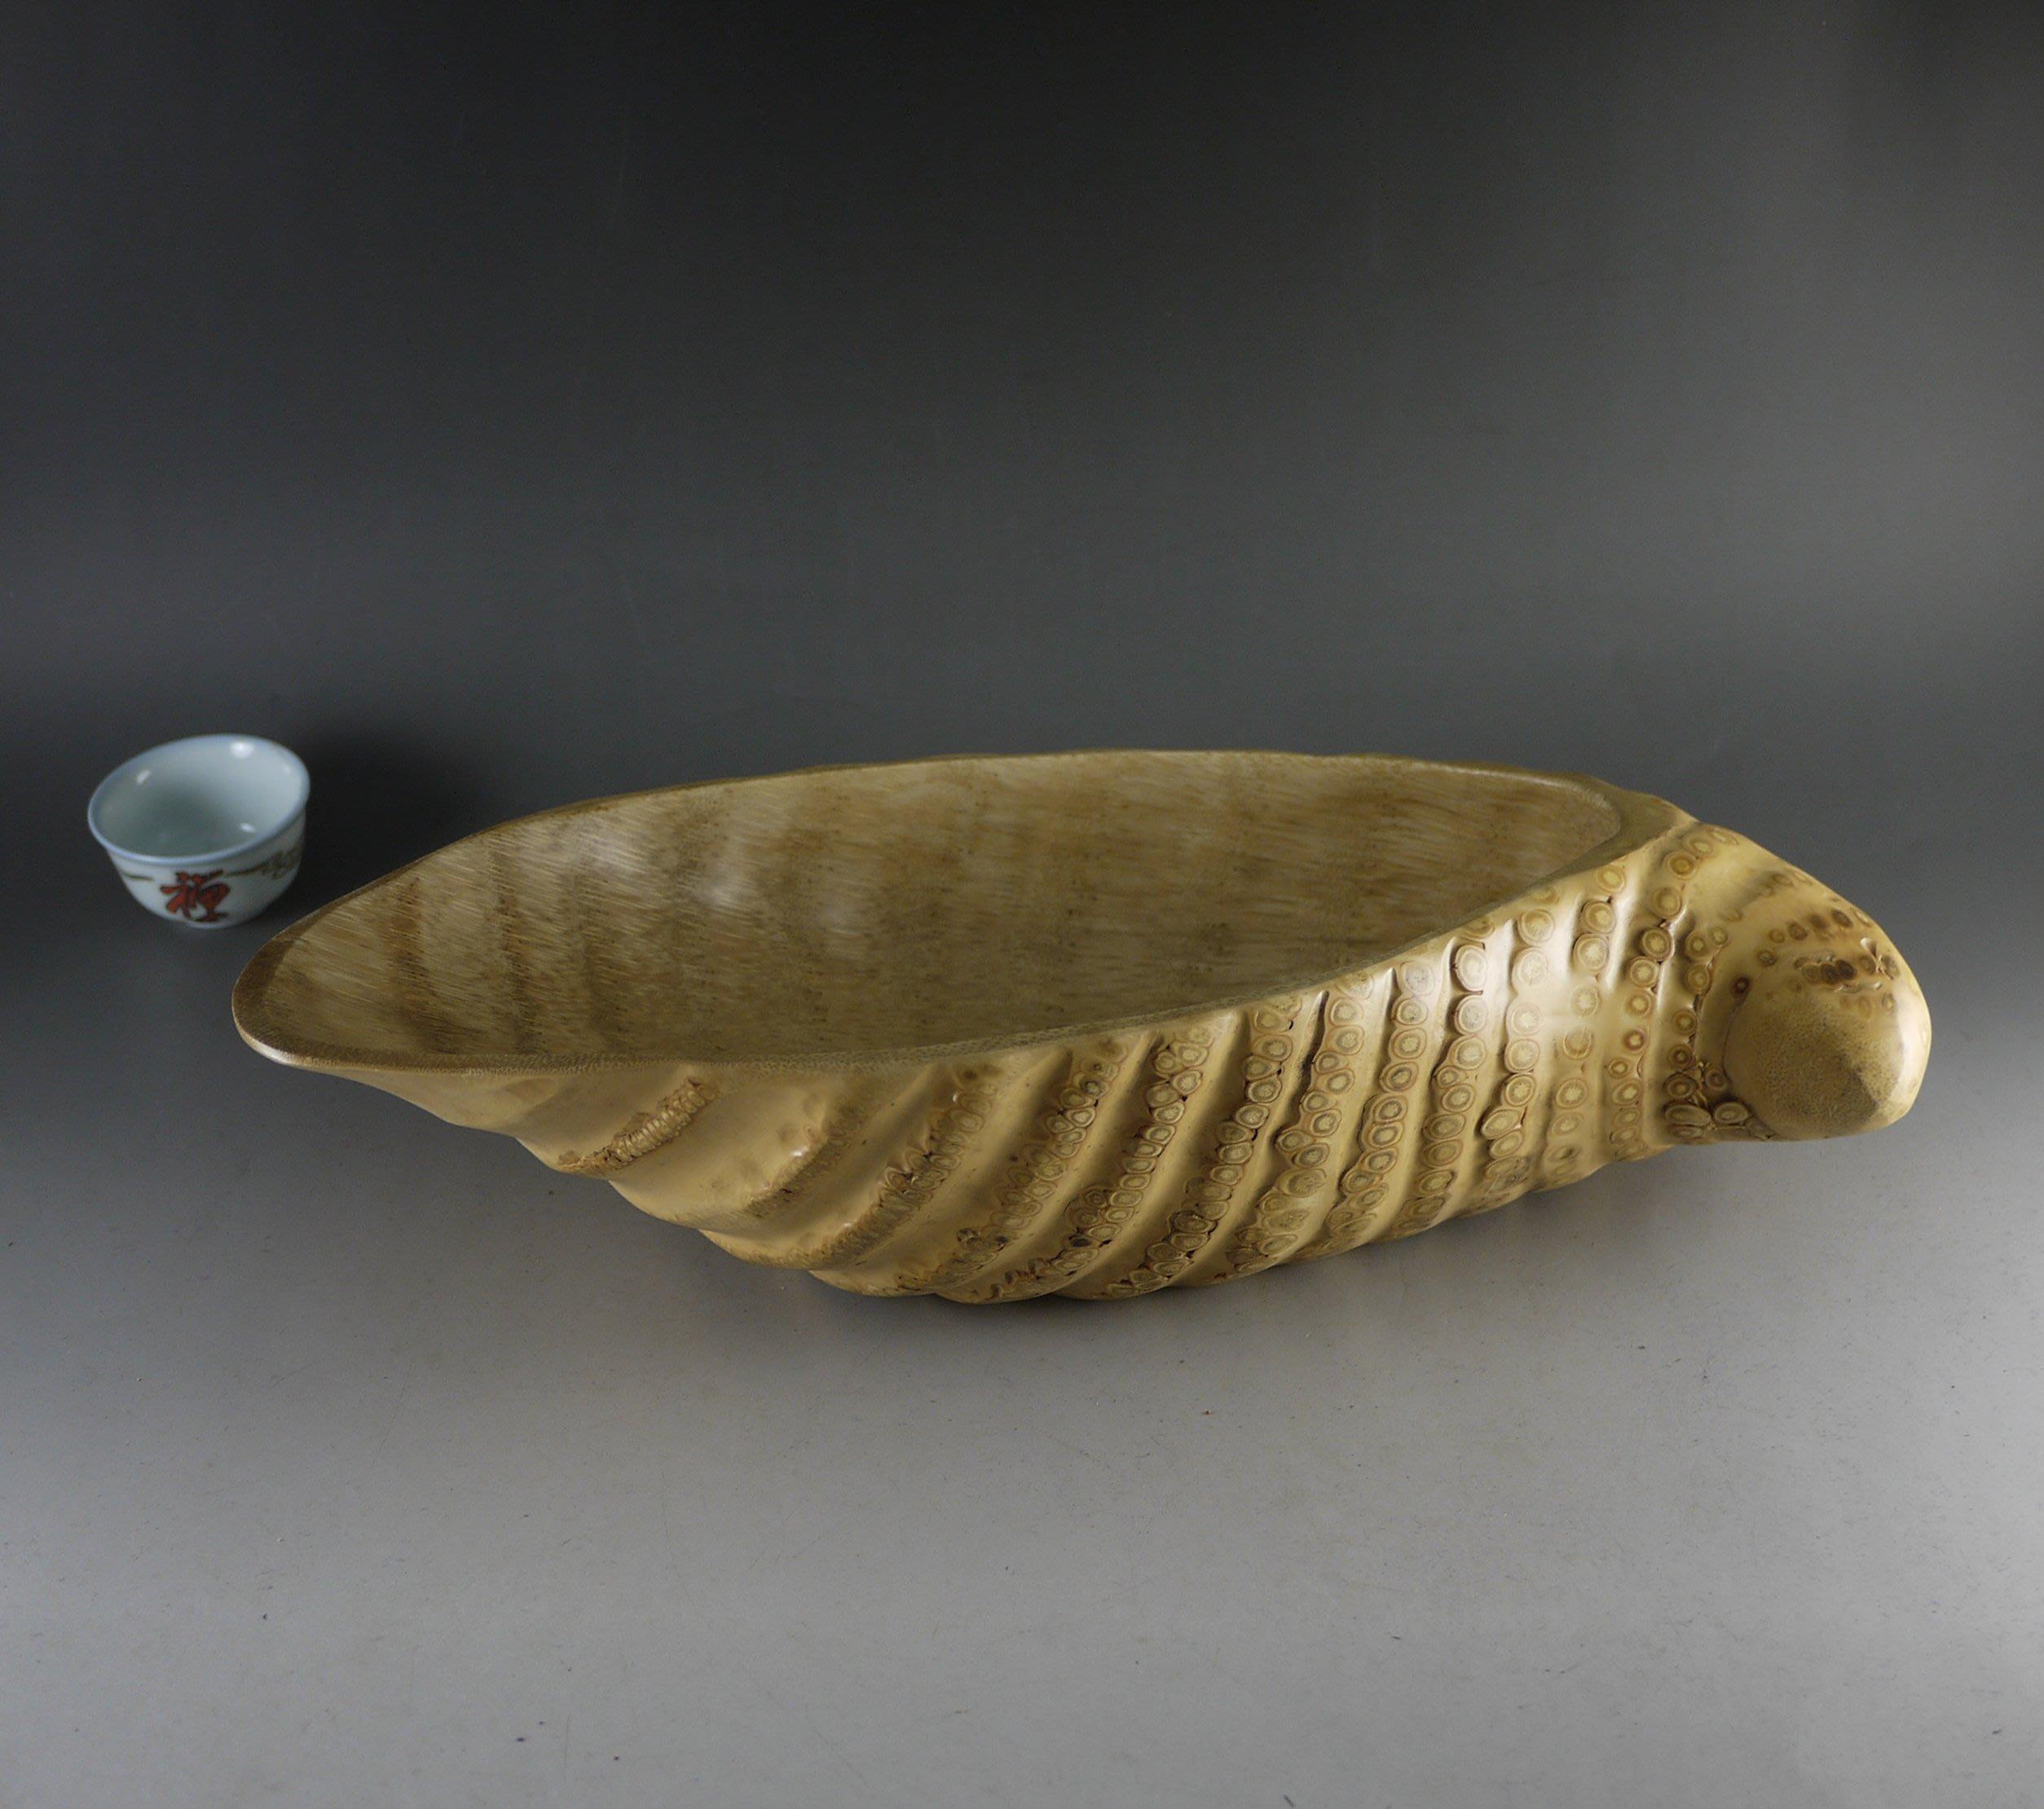 竹根雕果盤. 大茶荷. 花器.幹果盤 .聚寶盆 ...工藝擺設 - 竹制工藝品 B196